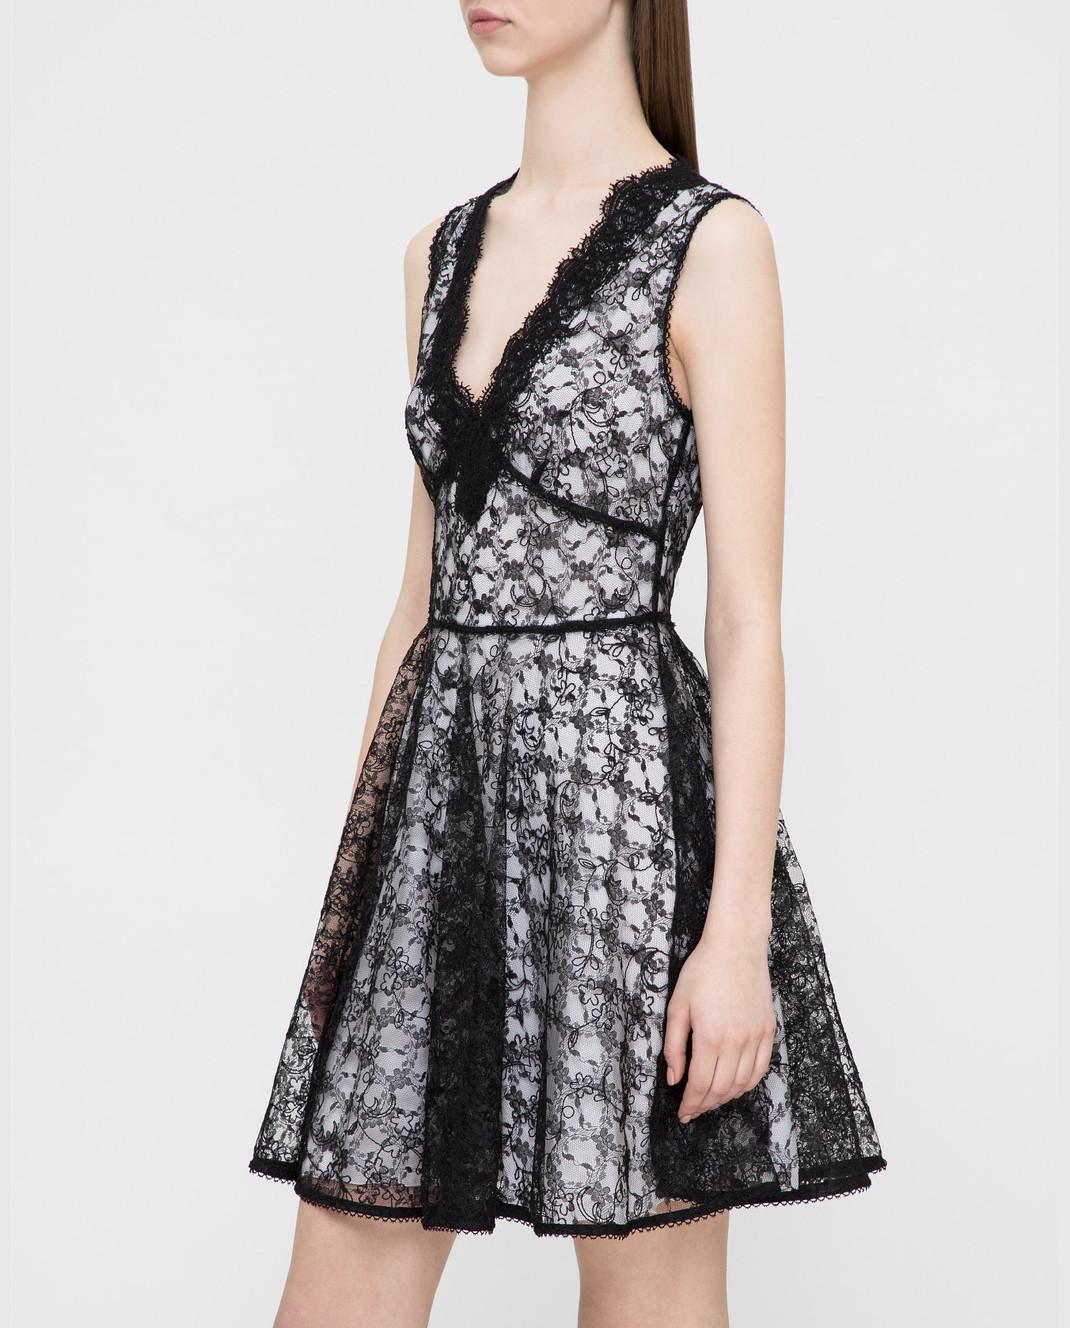 Ermanno Черное платье из кружева AB36 изображение 3